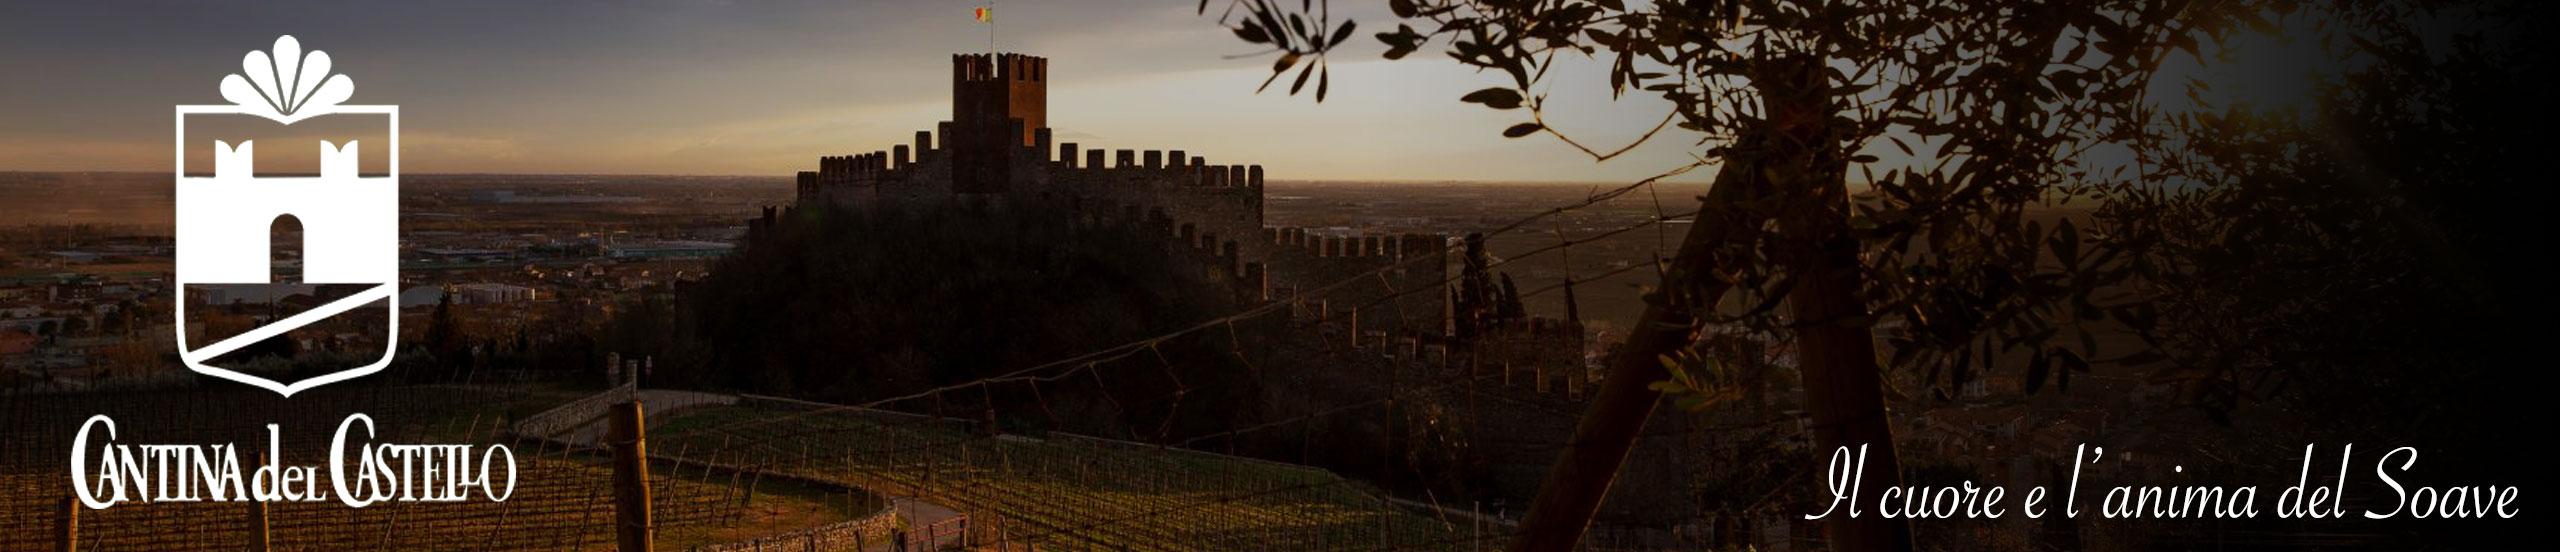 Vinamour-Cantina-del-Castello-anima-e-cuore-del-Soave